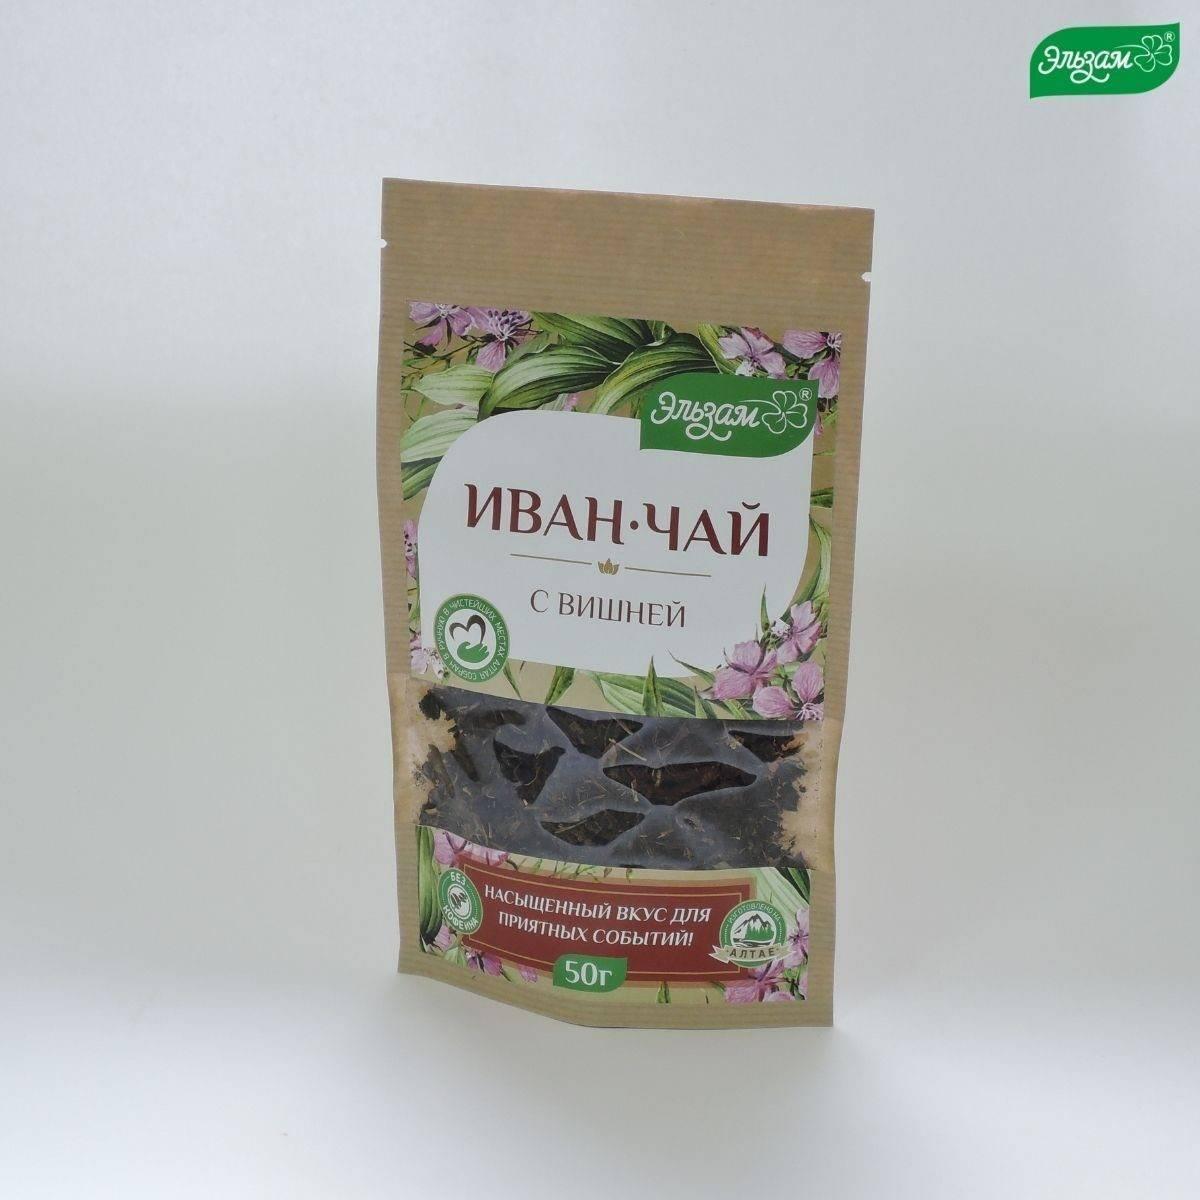 Чай из листа вишни (ферментированный): польза для организма